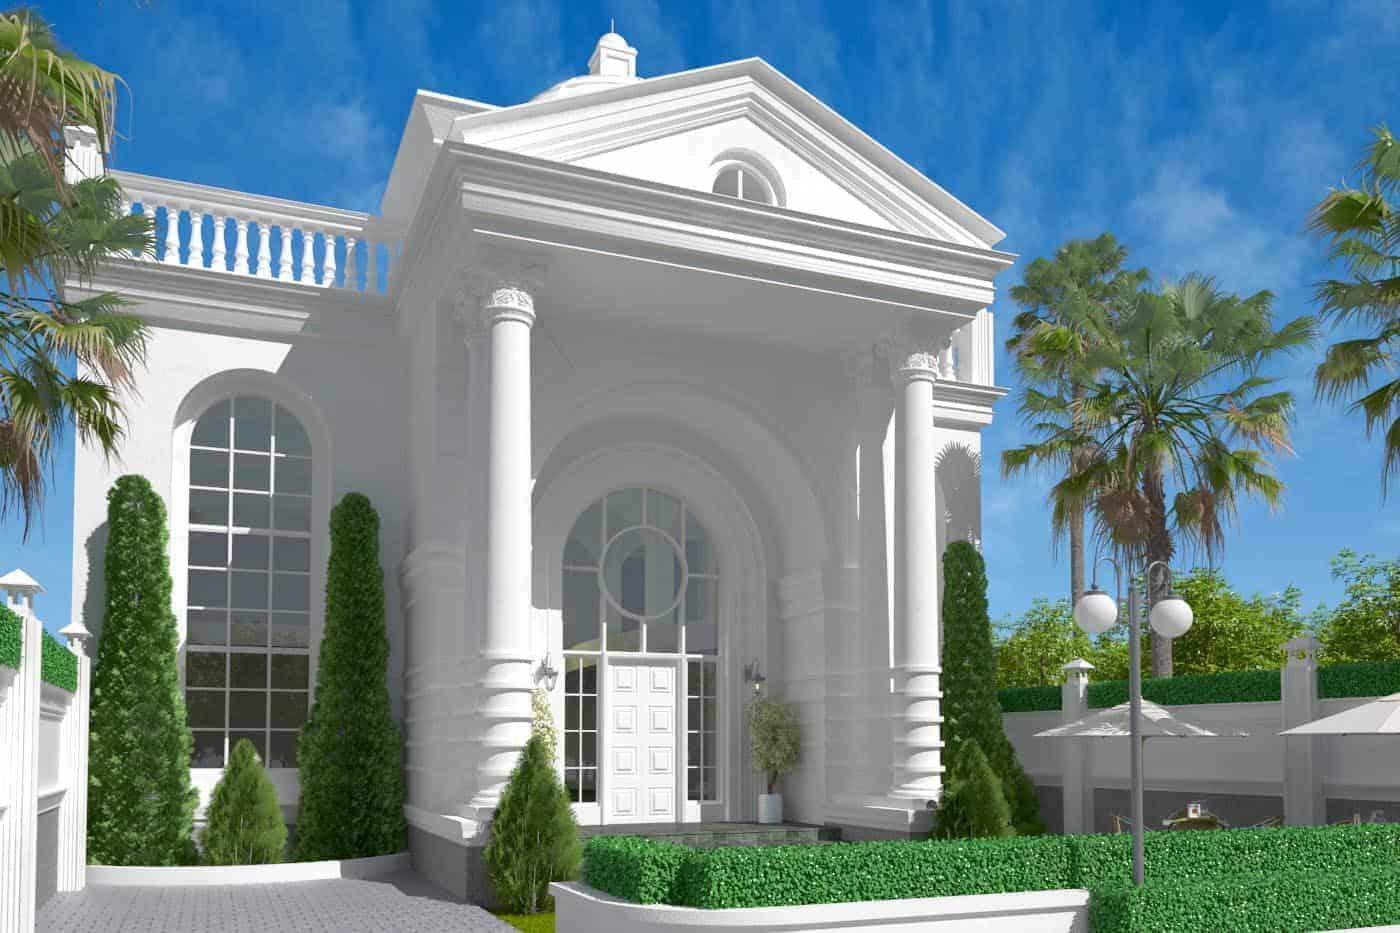 Desain Rumah Klasik Mr. Ruslim - Medan   VECTOR 41 ARSITEK